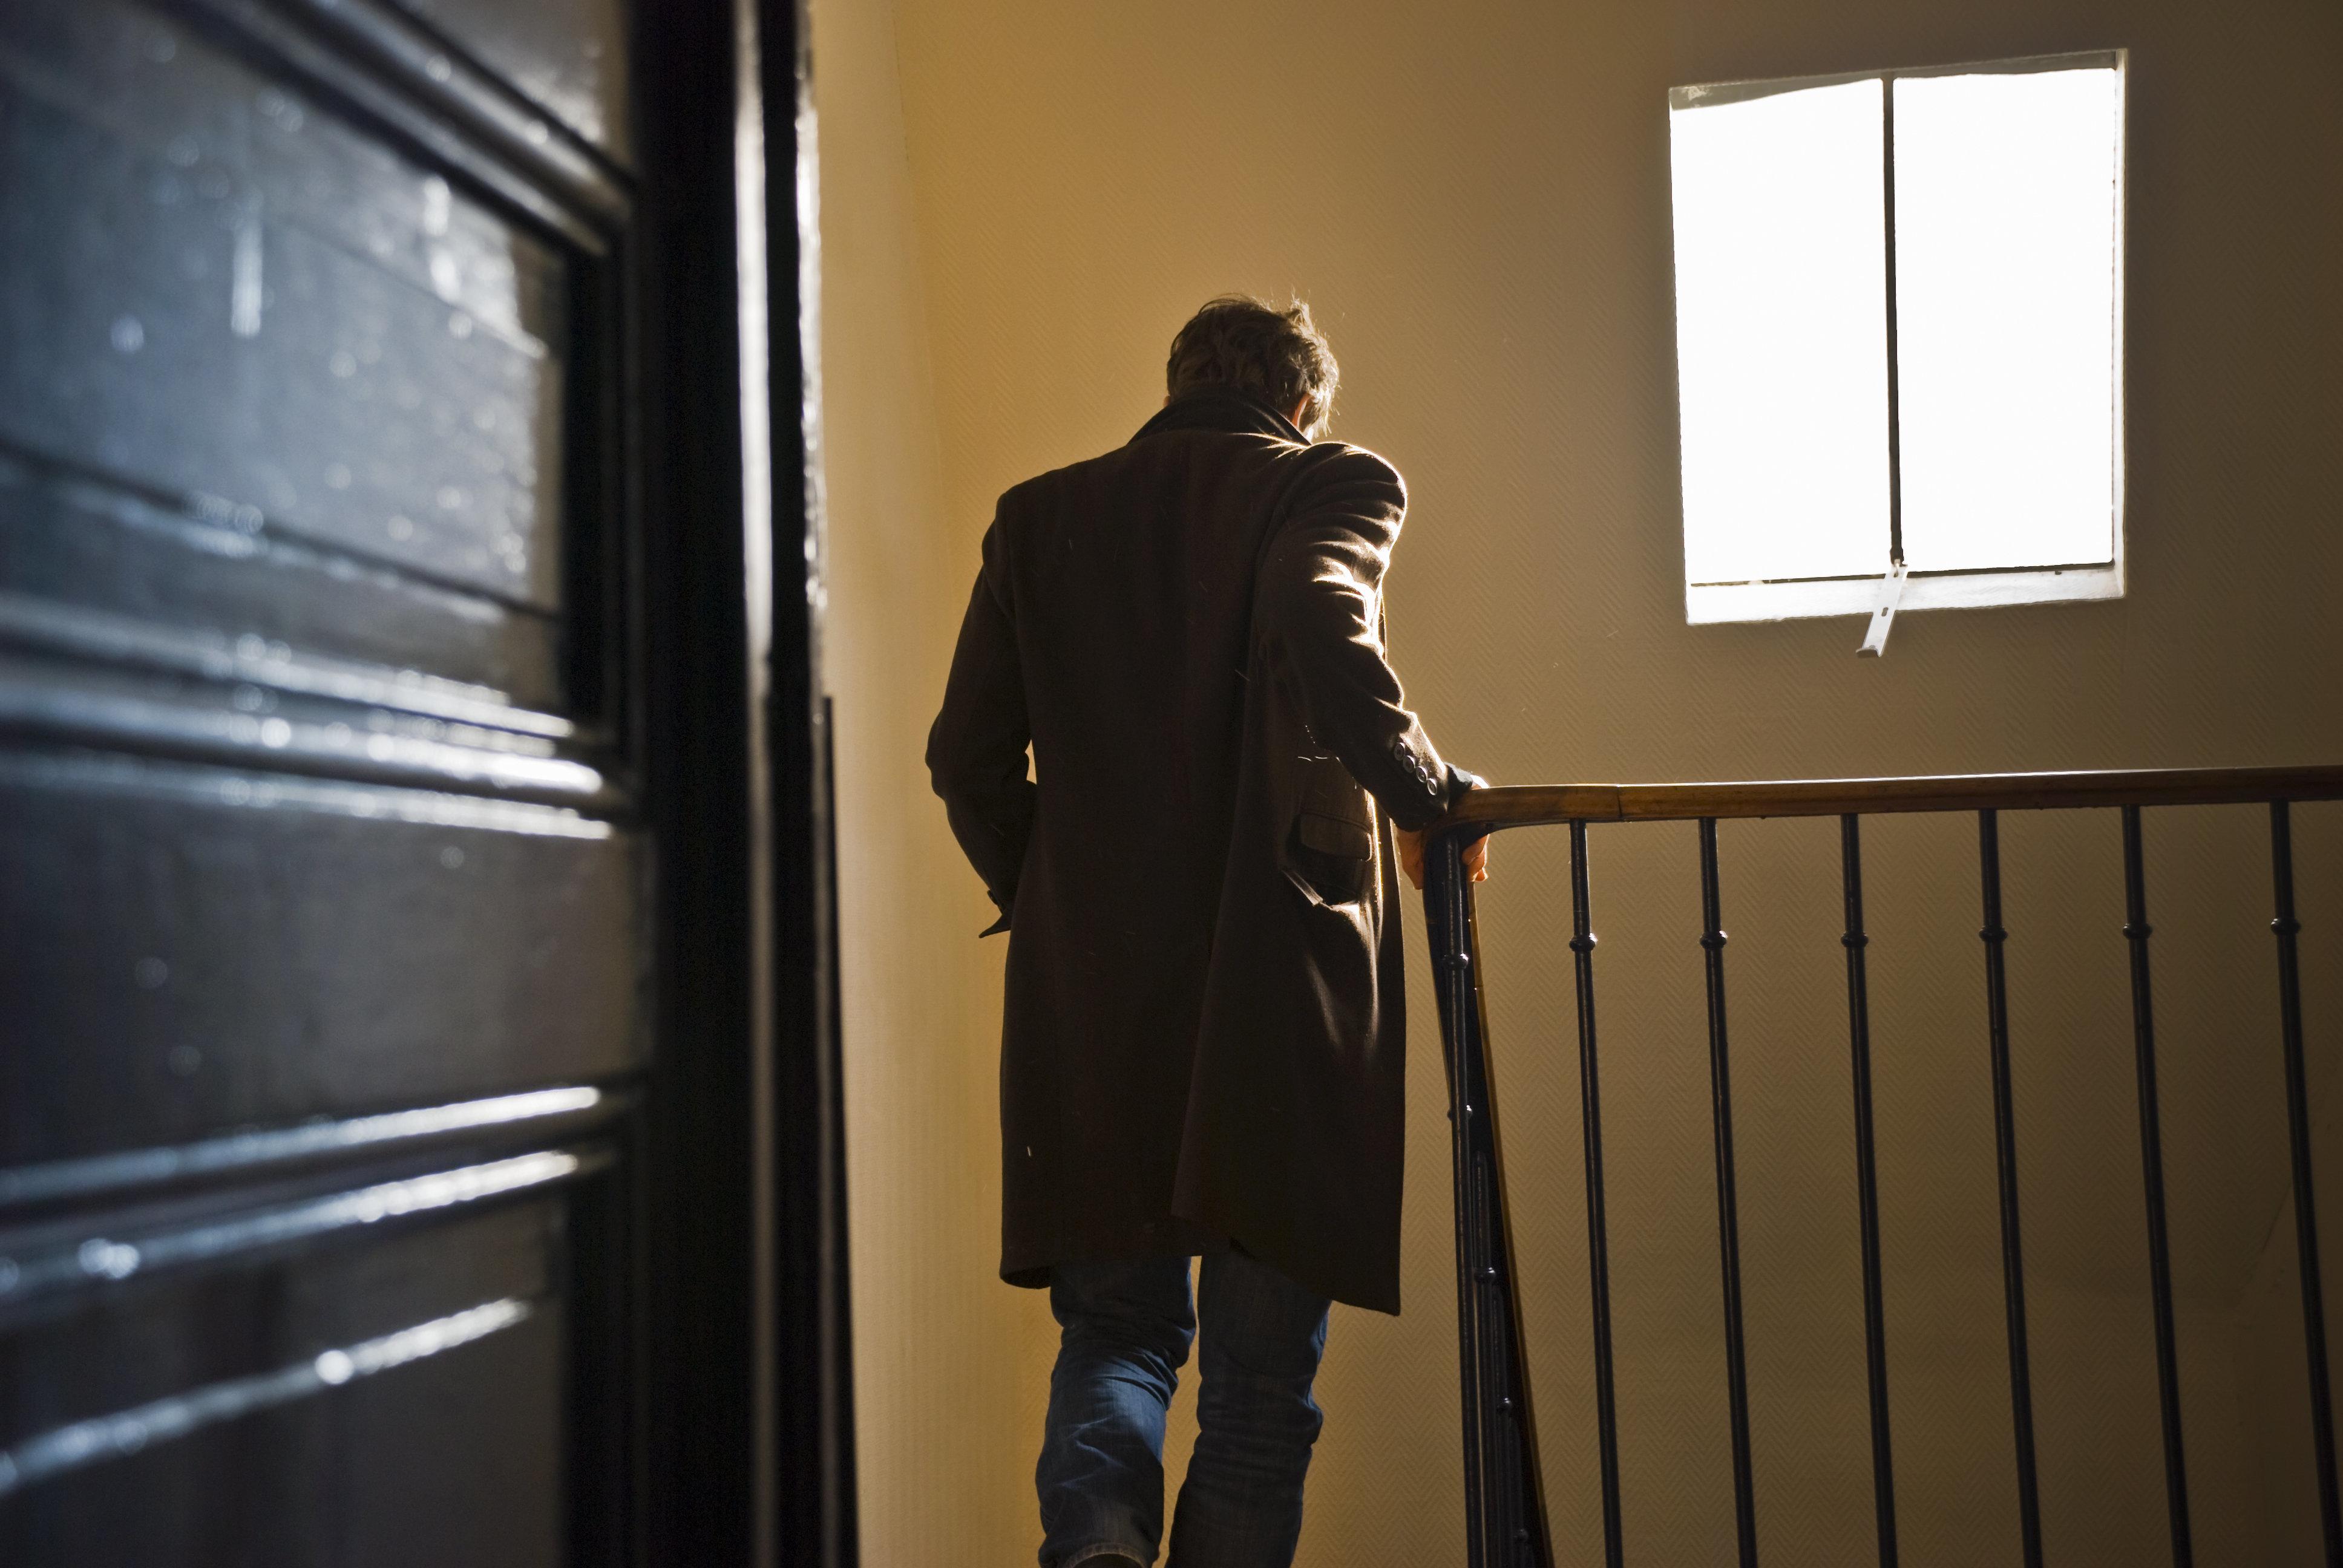 New York: Er wirkte wie ein unbescholtener Nachbar – dann zeigte sich sein wahres